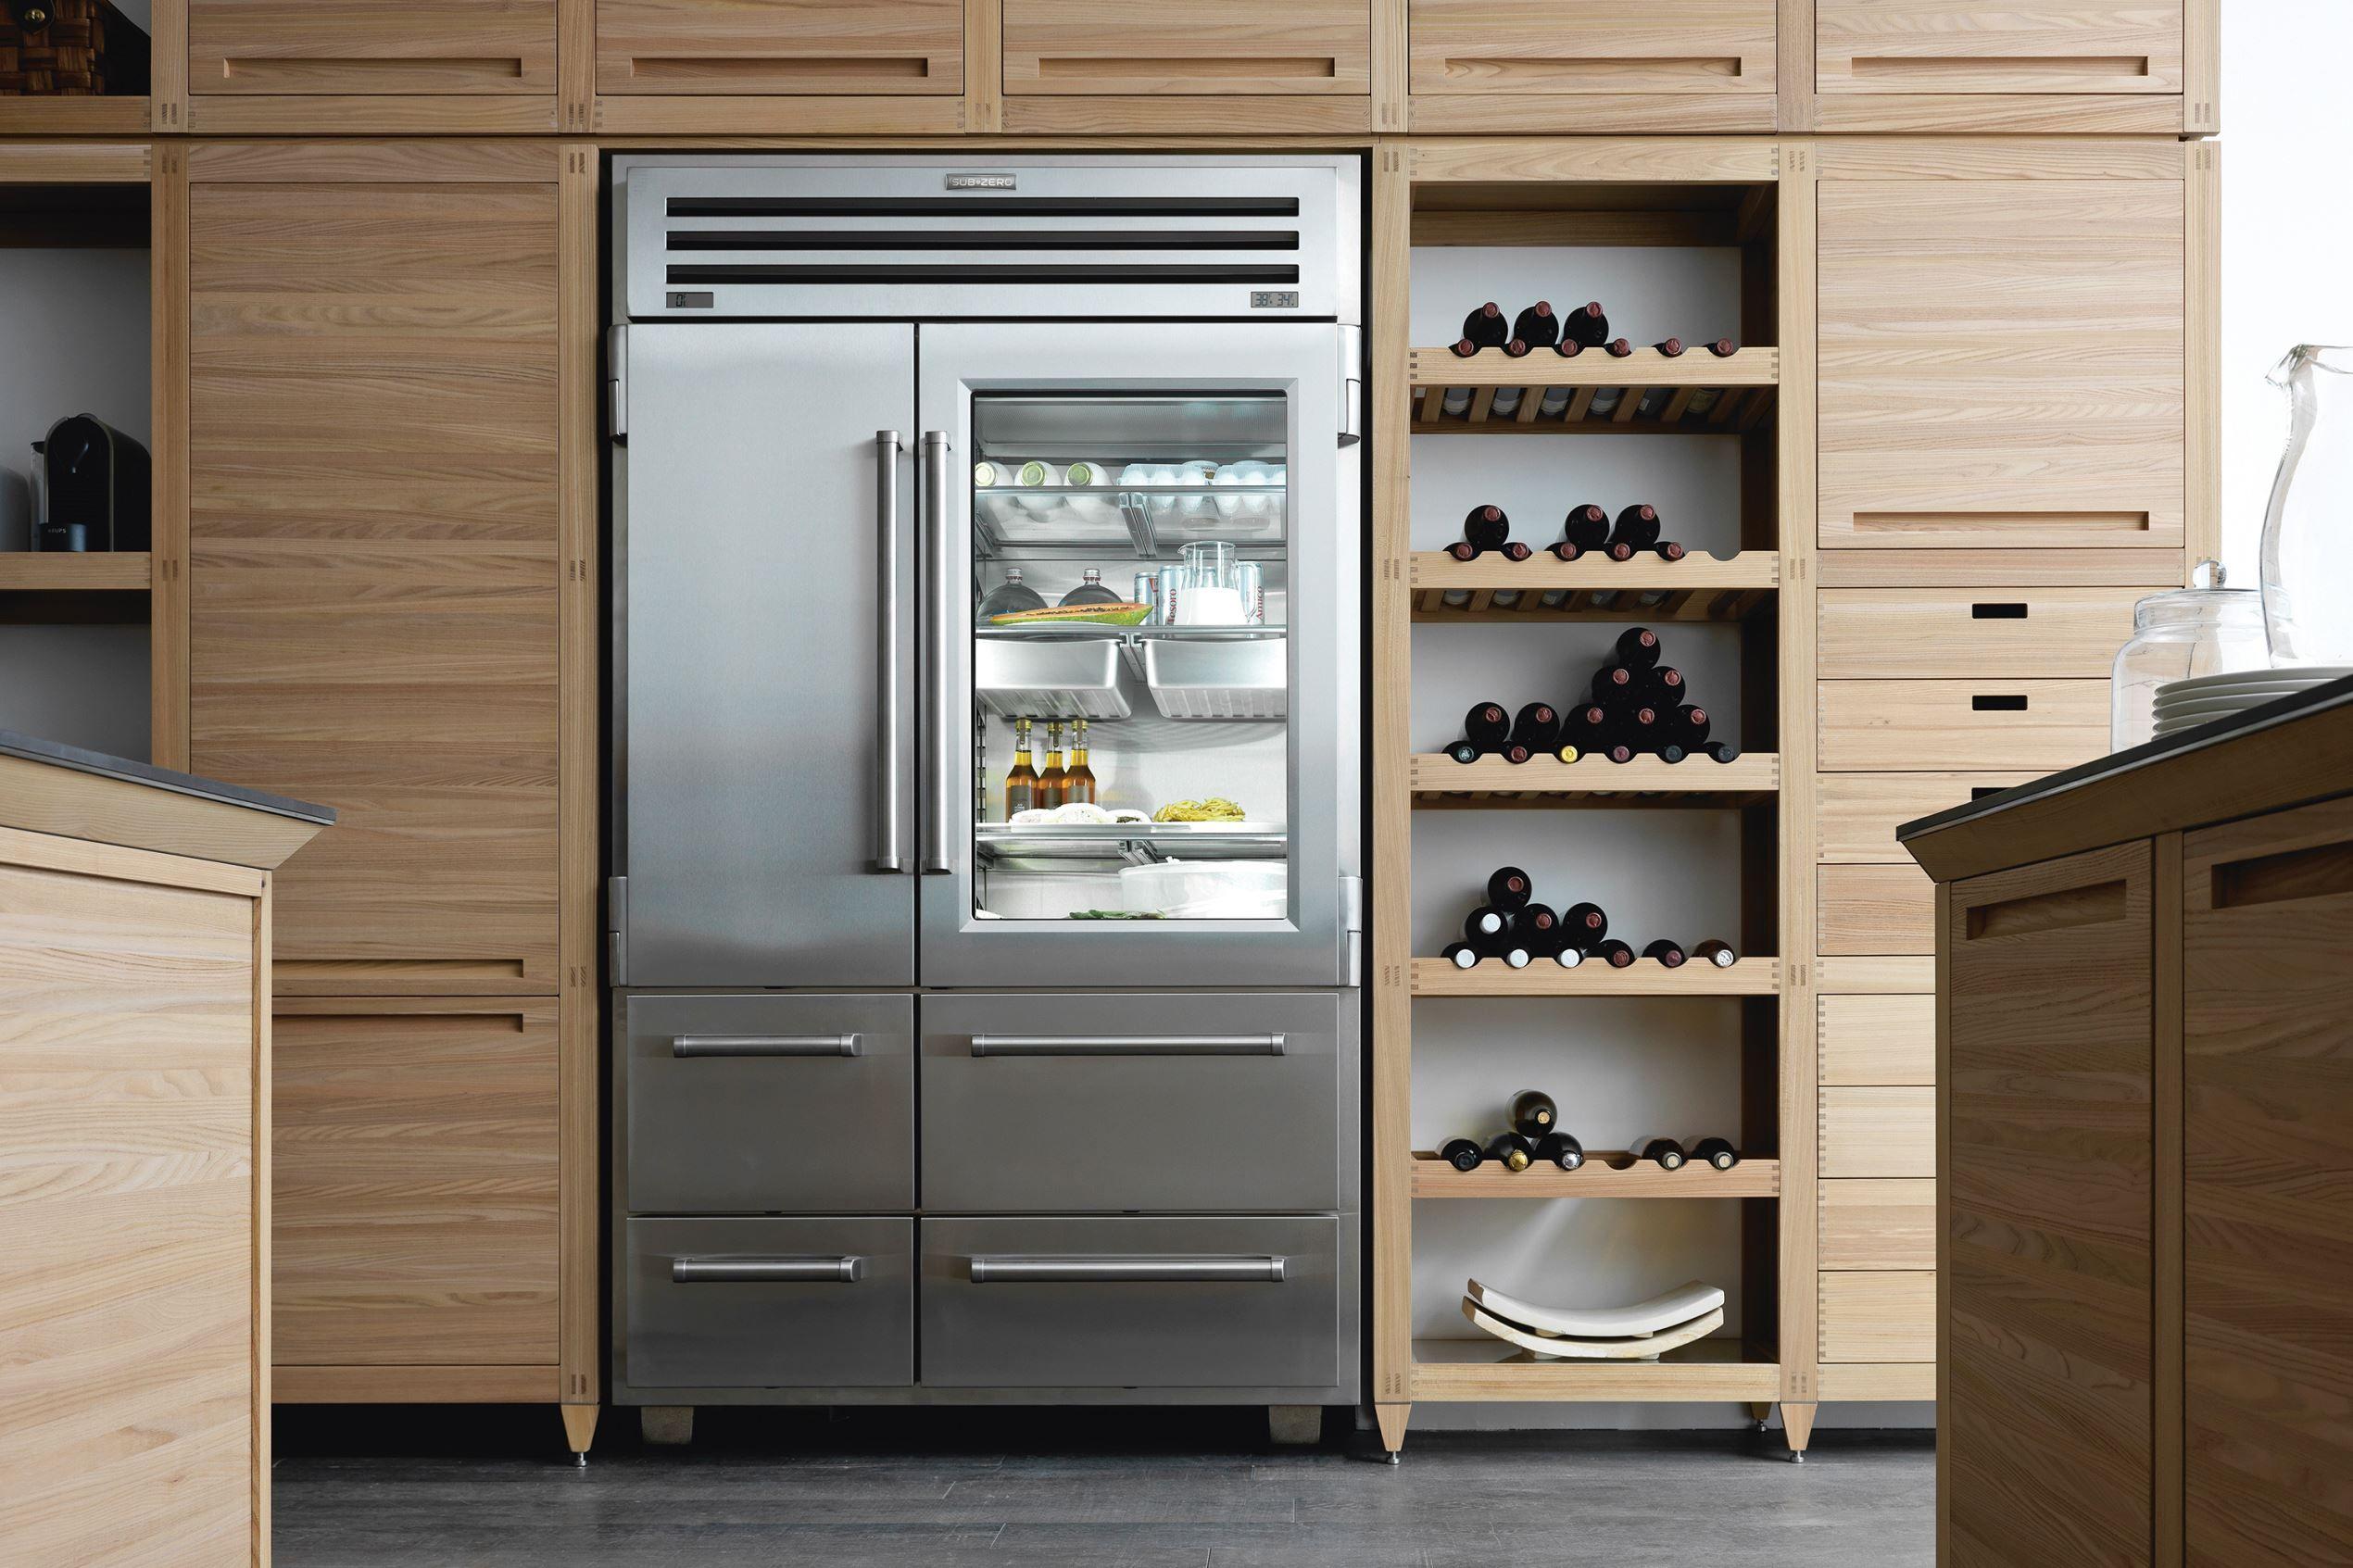 electrodomesticos sub refrigeradores subzero productos archivos cocinas zero freezer gunnitrentino drawers en wolf es